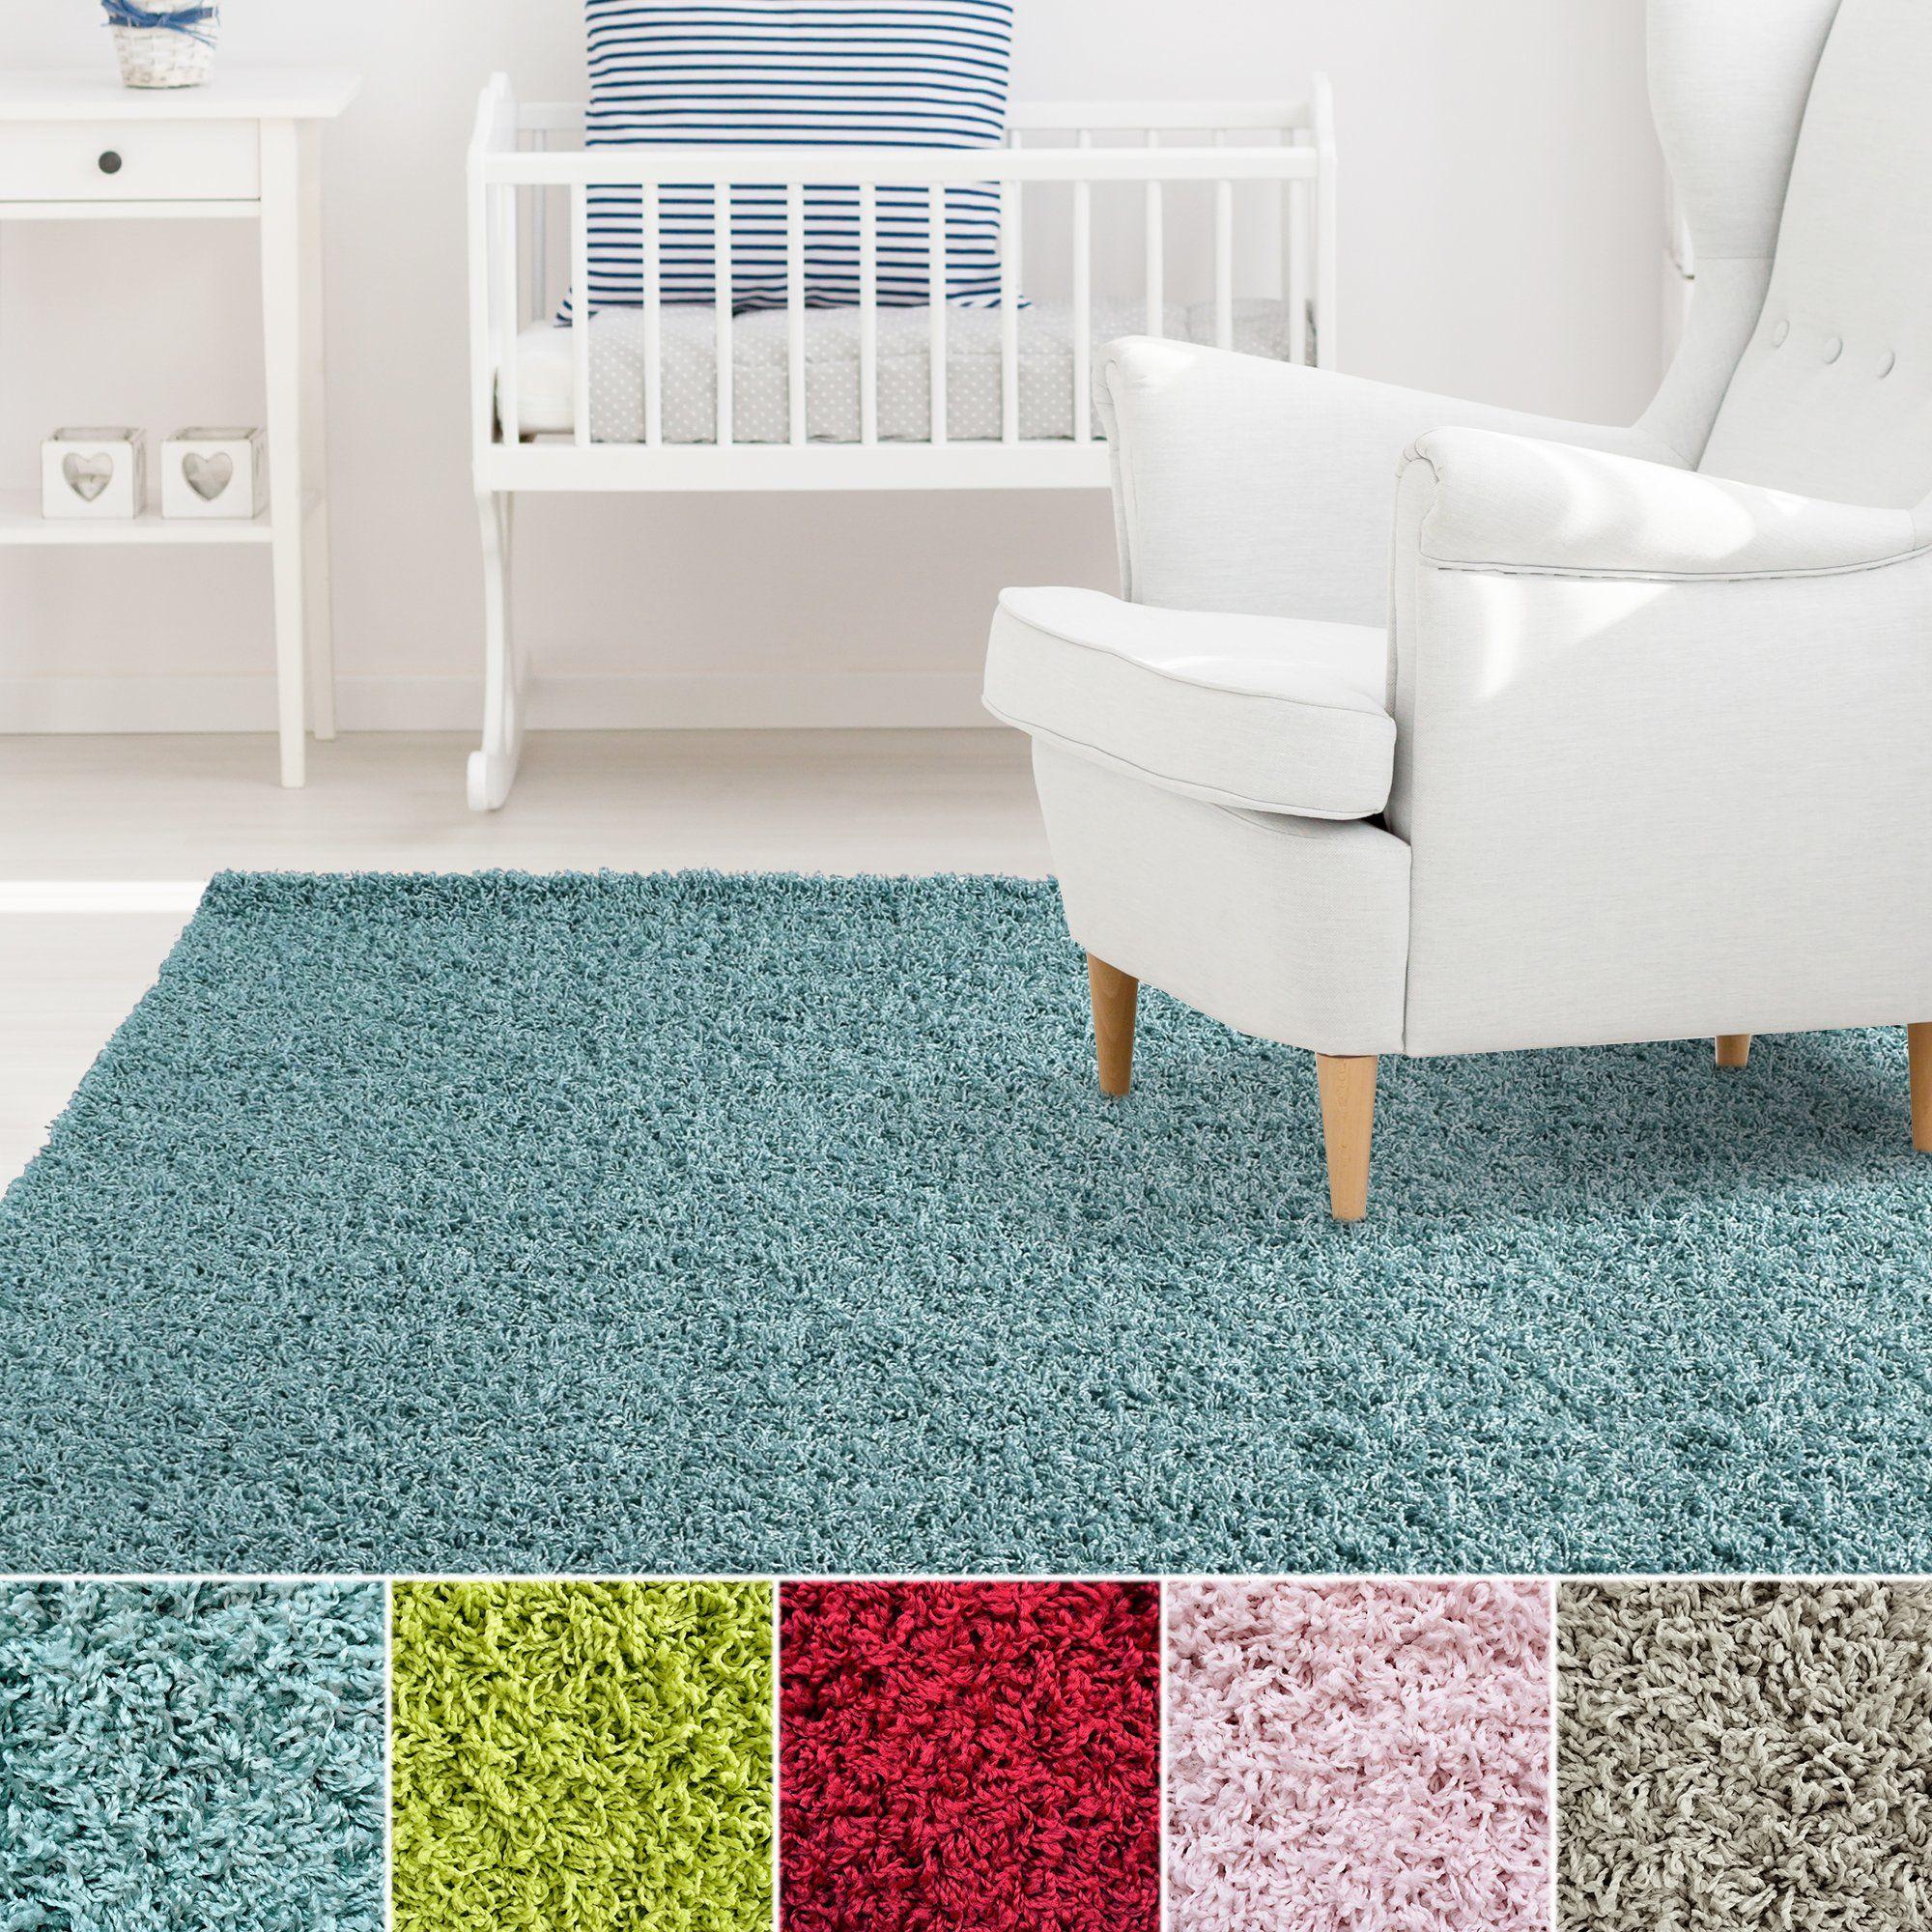 Full Size of Kinderzimmer Teppiche Soft Teppich Grn Regal Sofa Weiß Regale Wohnzimmer Kinderzimmer Kinderzimmer Teppiche